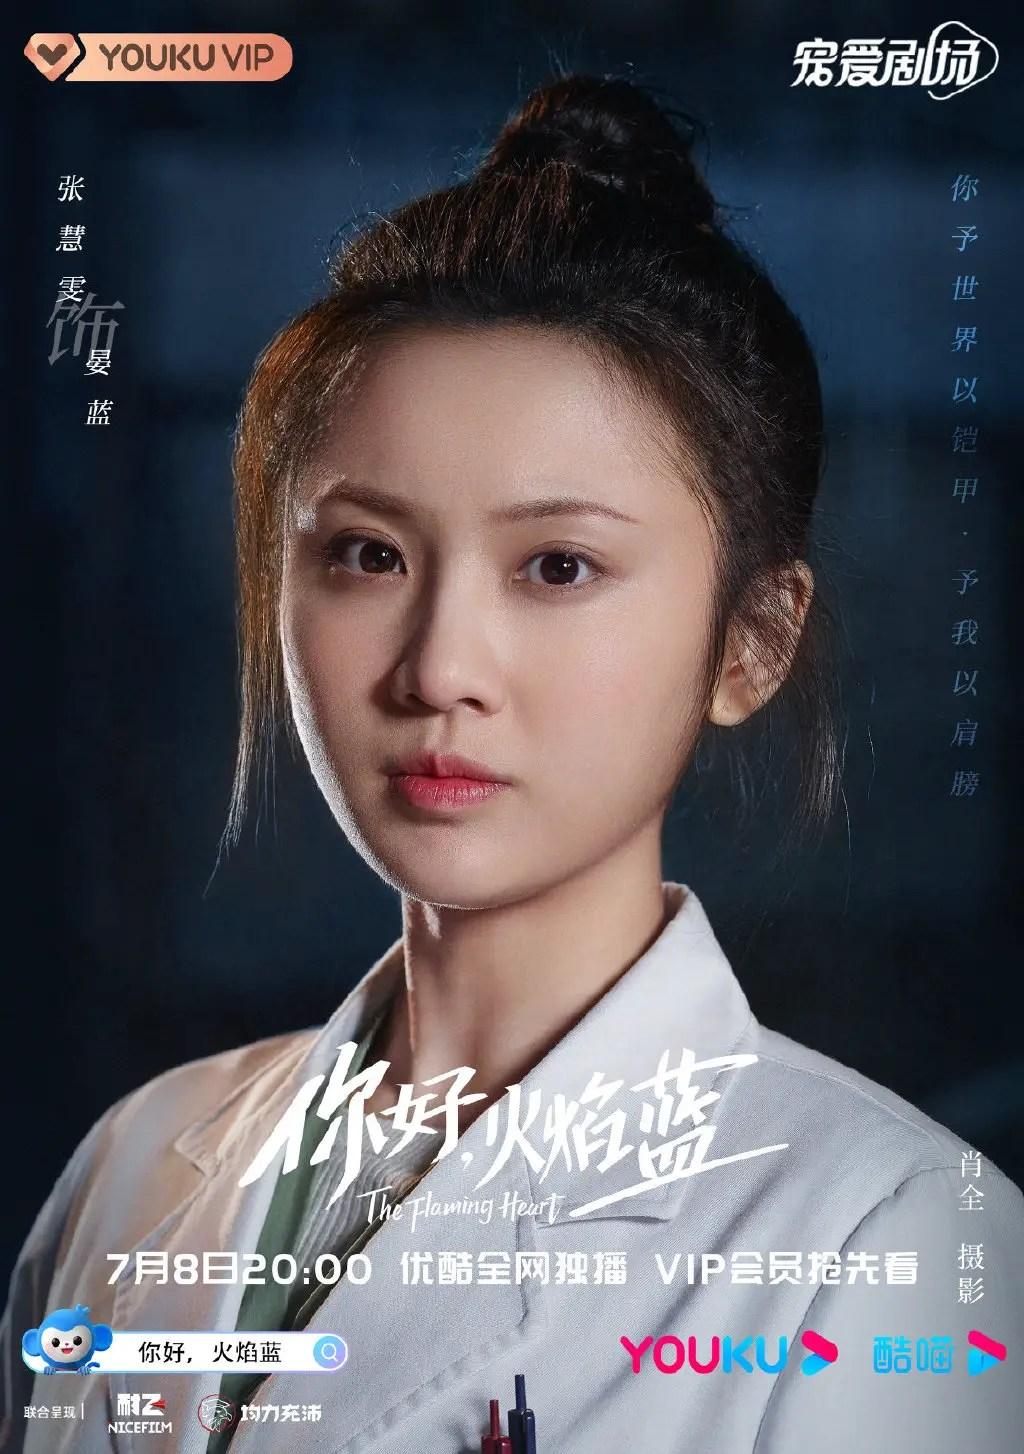 Zhang Hui Wen